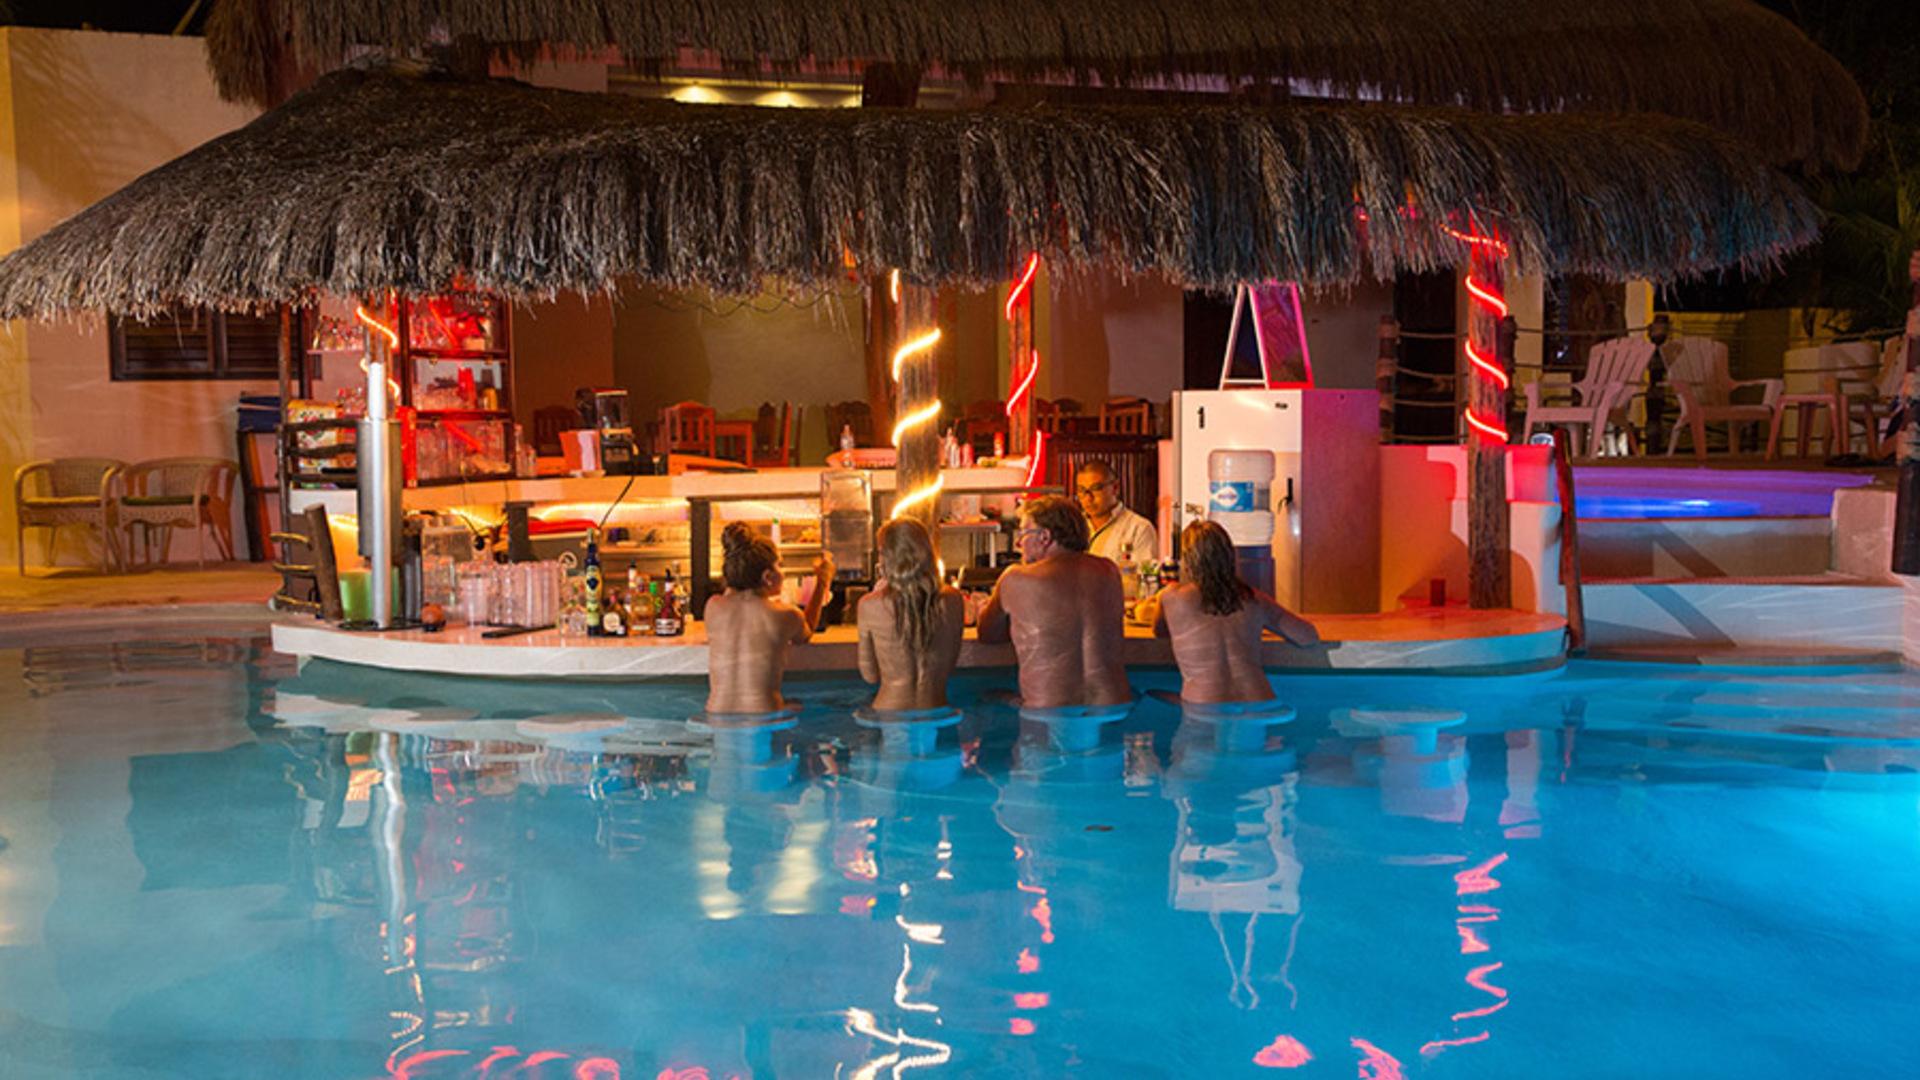 Resort Review